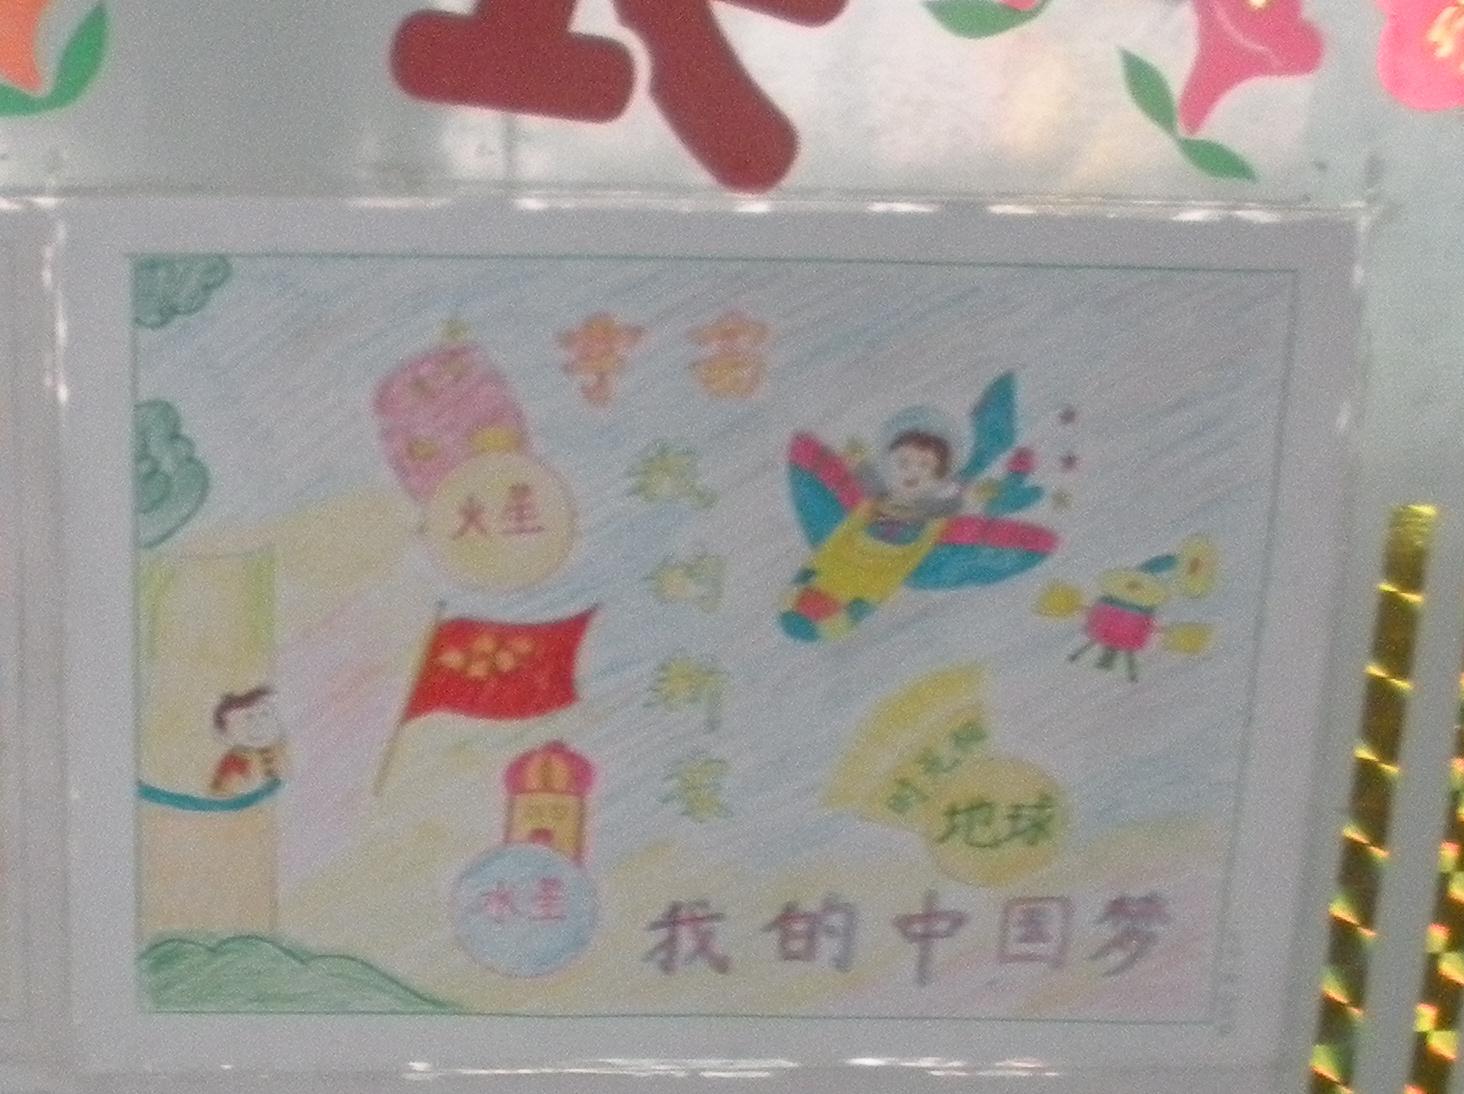 相约中国梦红领巾手绘图片